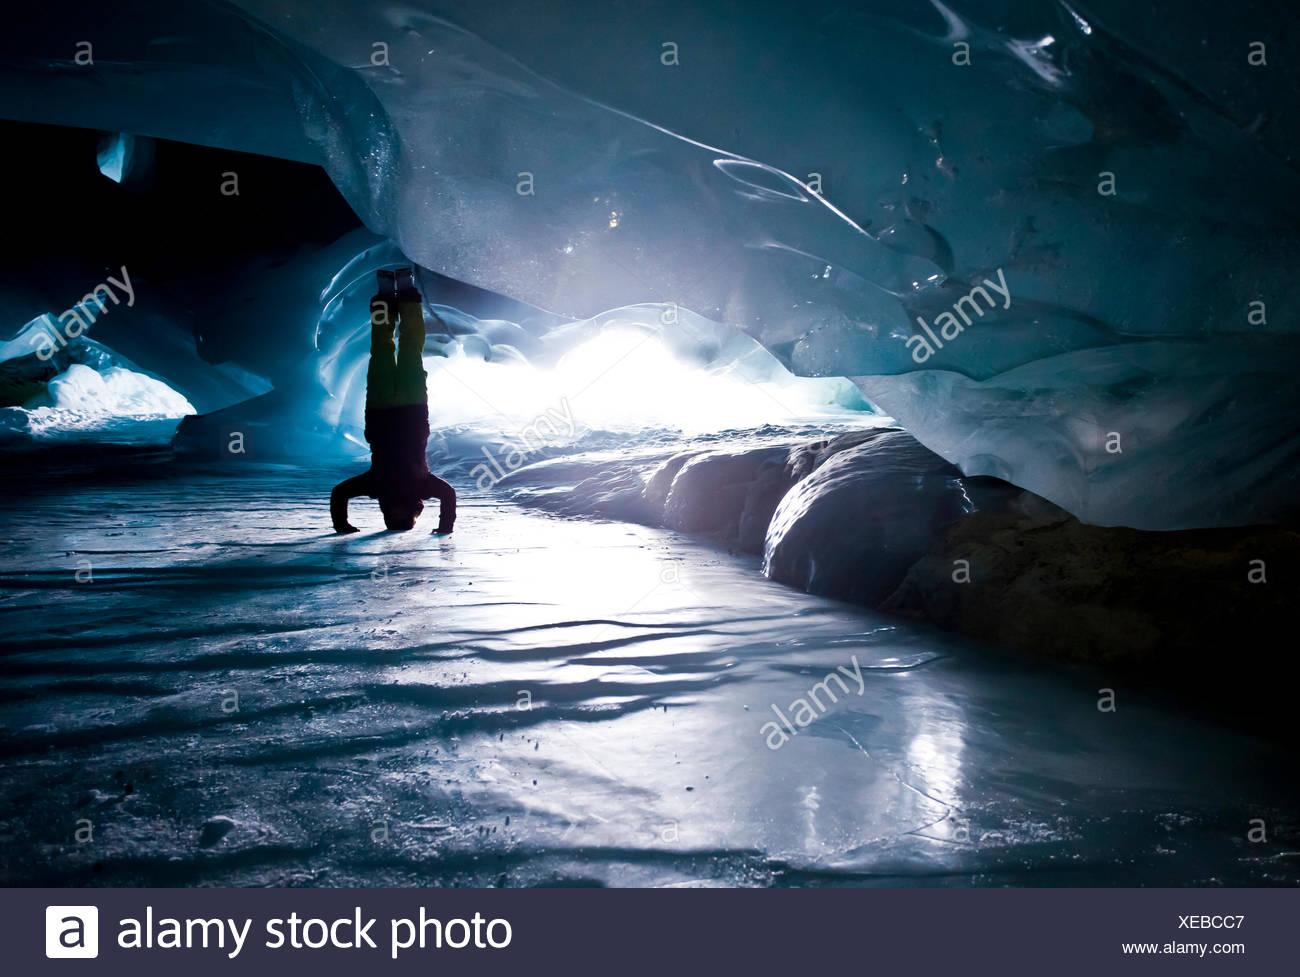 Yoga de la cueva de hielo Foto de stock